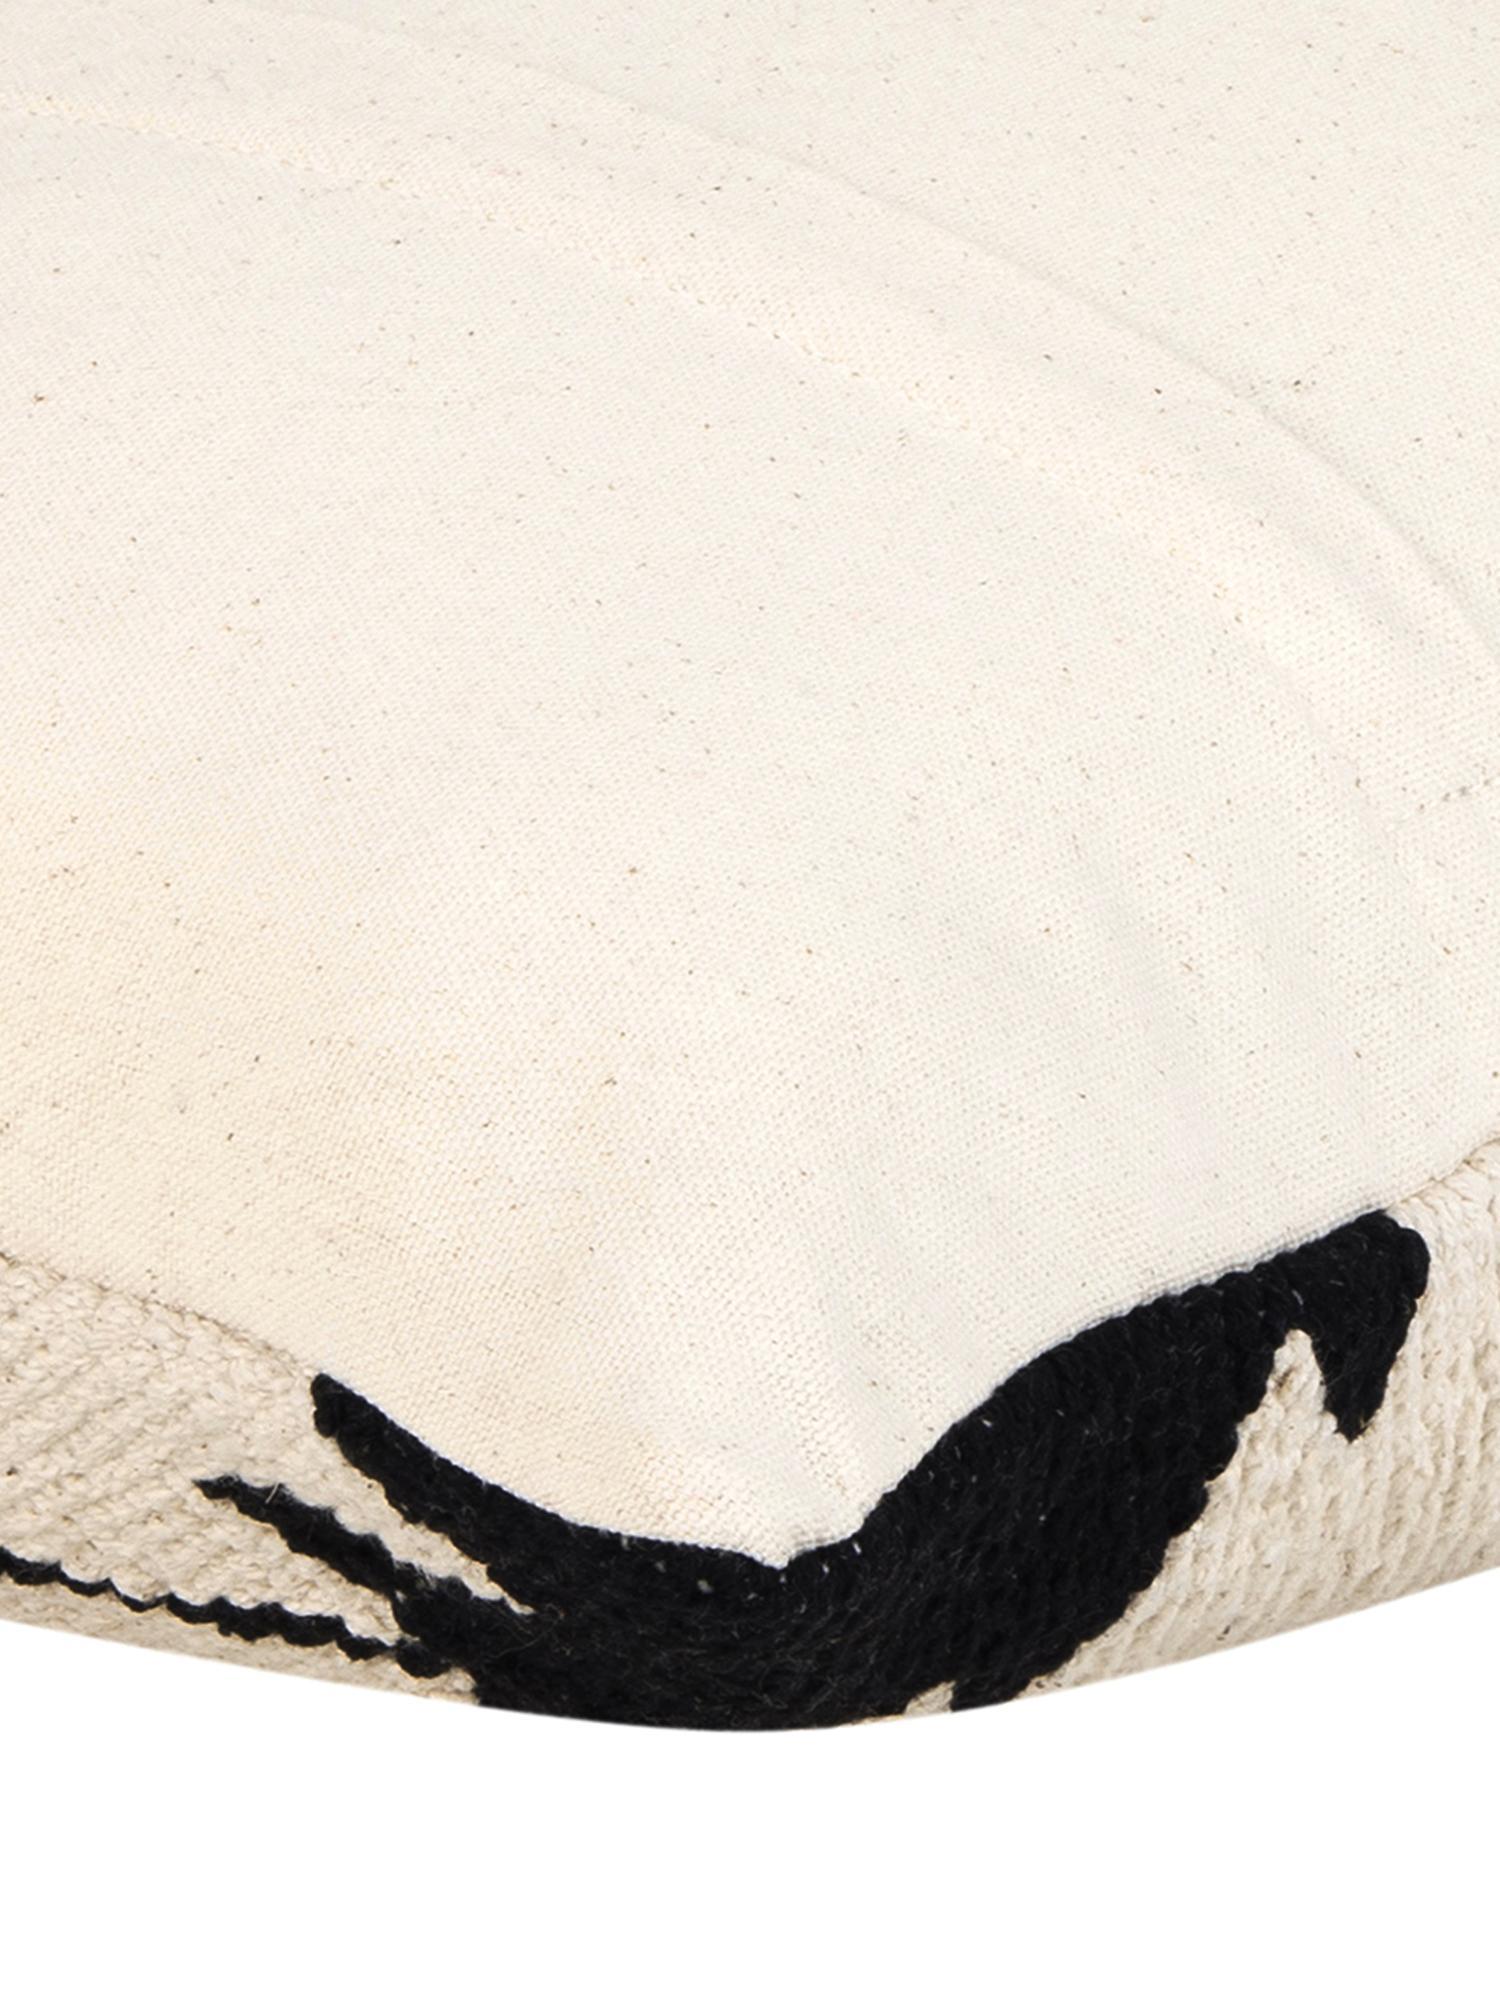 Gewebte Kissenhülle Cancun im Ethno Style, 100% Baumwolle, Schwarz, Beige, 45 x 45 cm